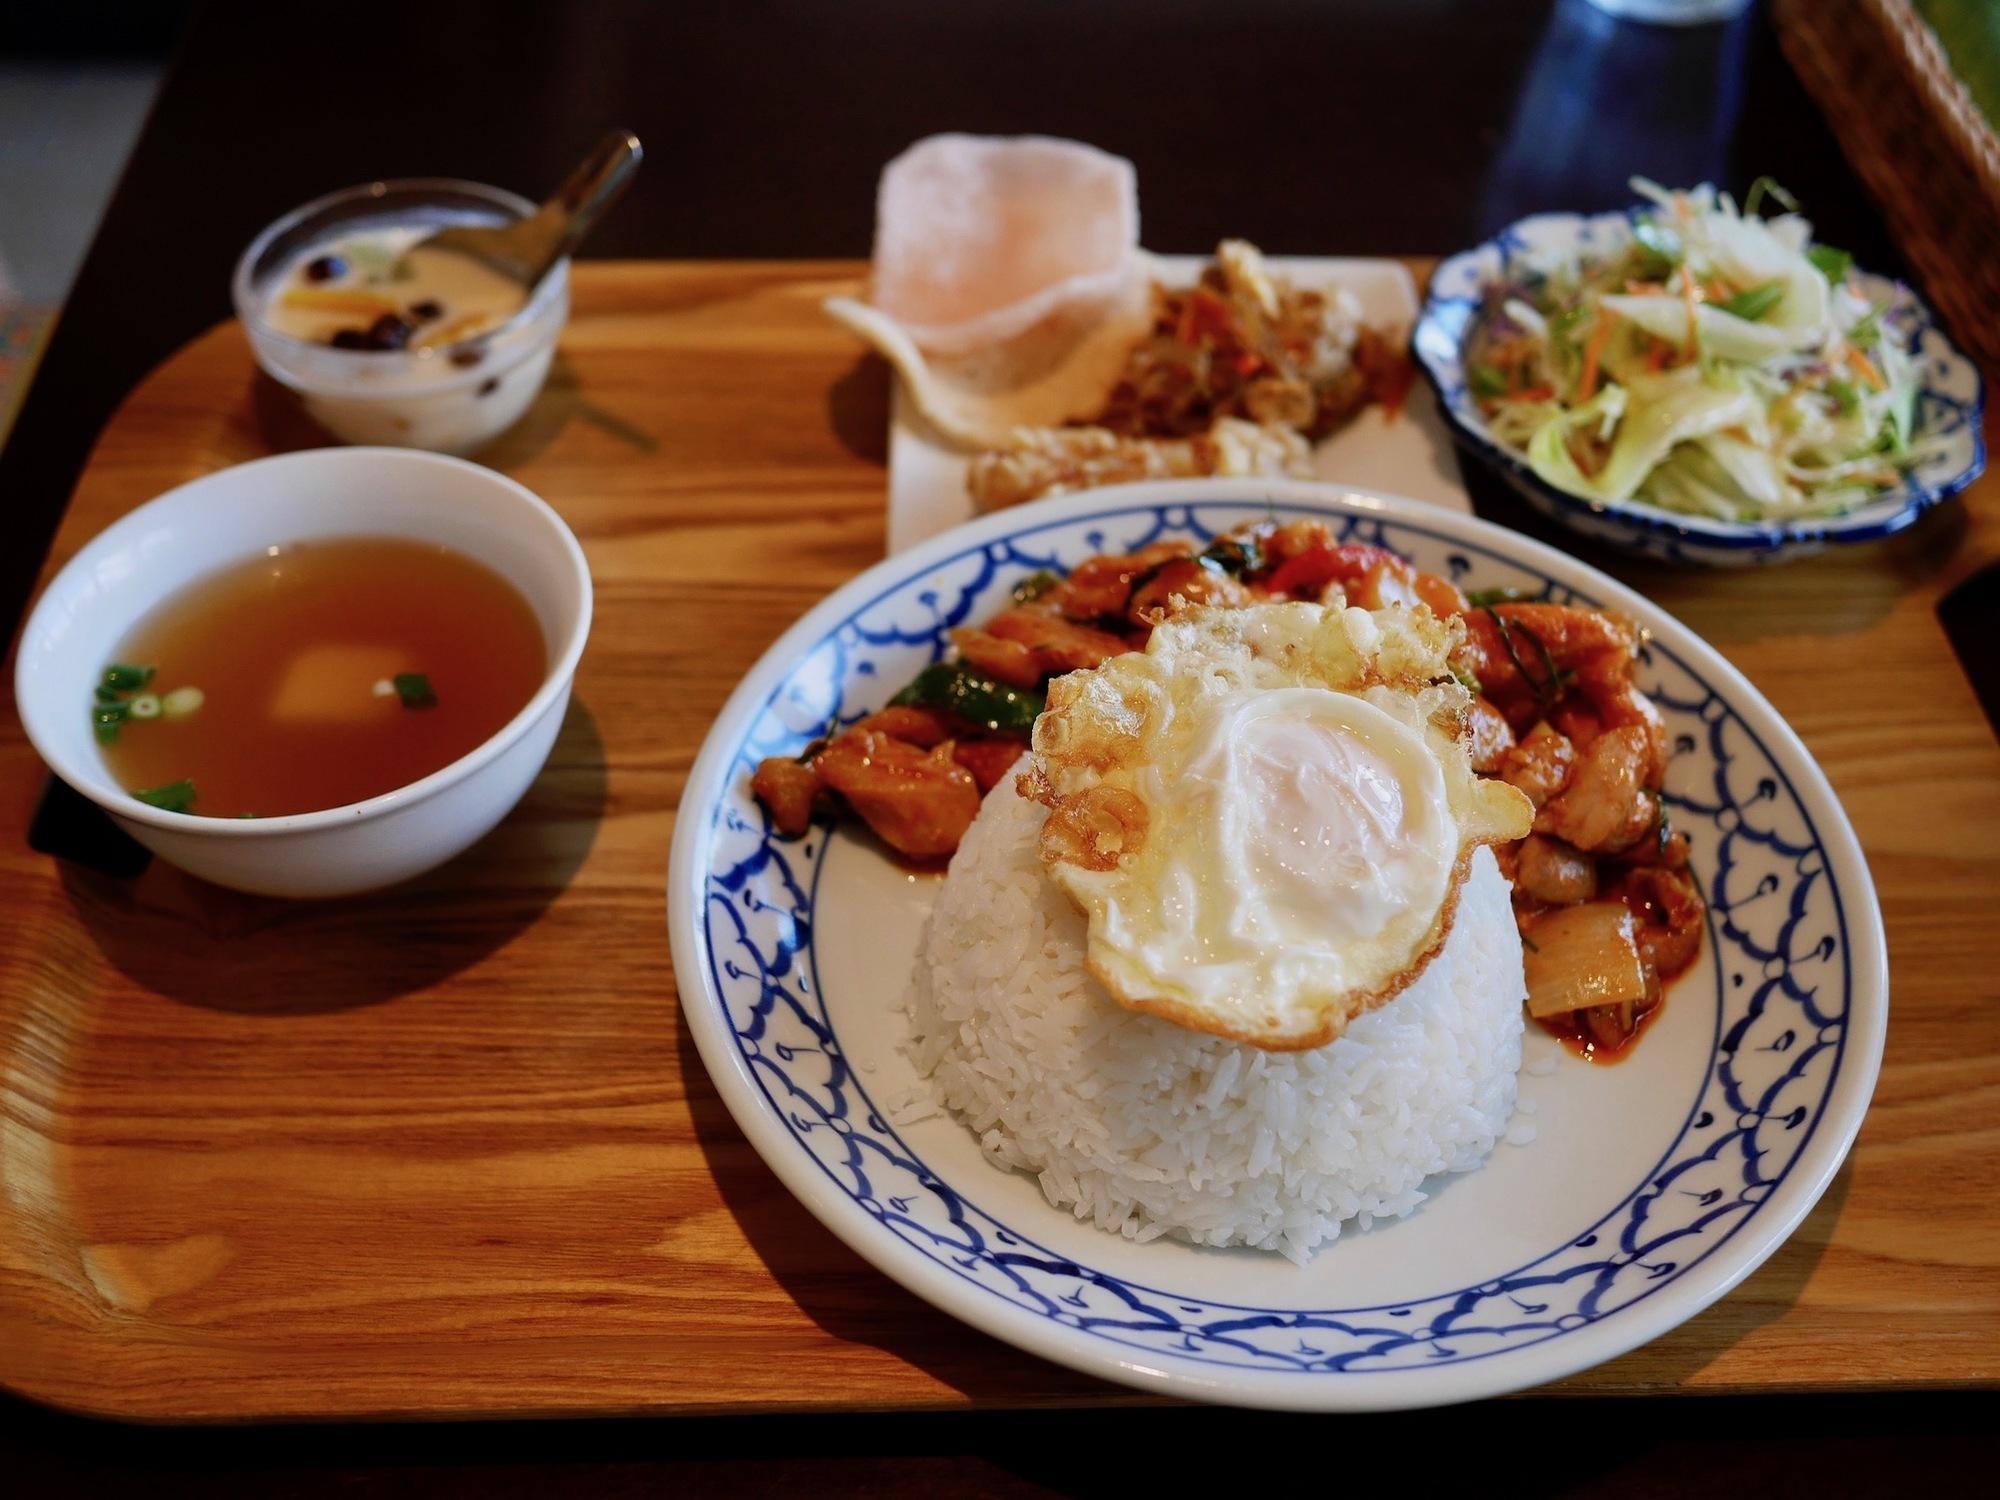 【京都のタイ料理屋】四条木屋町下ル「バーンリムナーム」で食べた『パップリックケーンガイ』